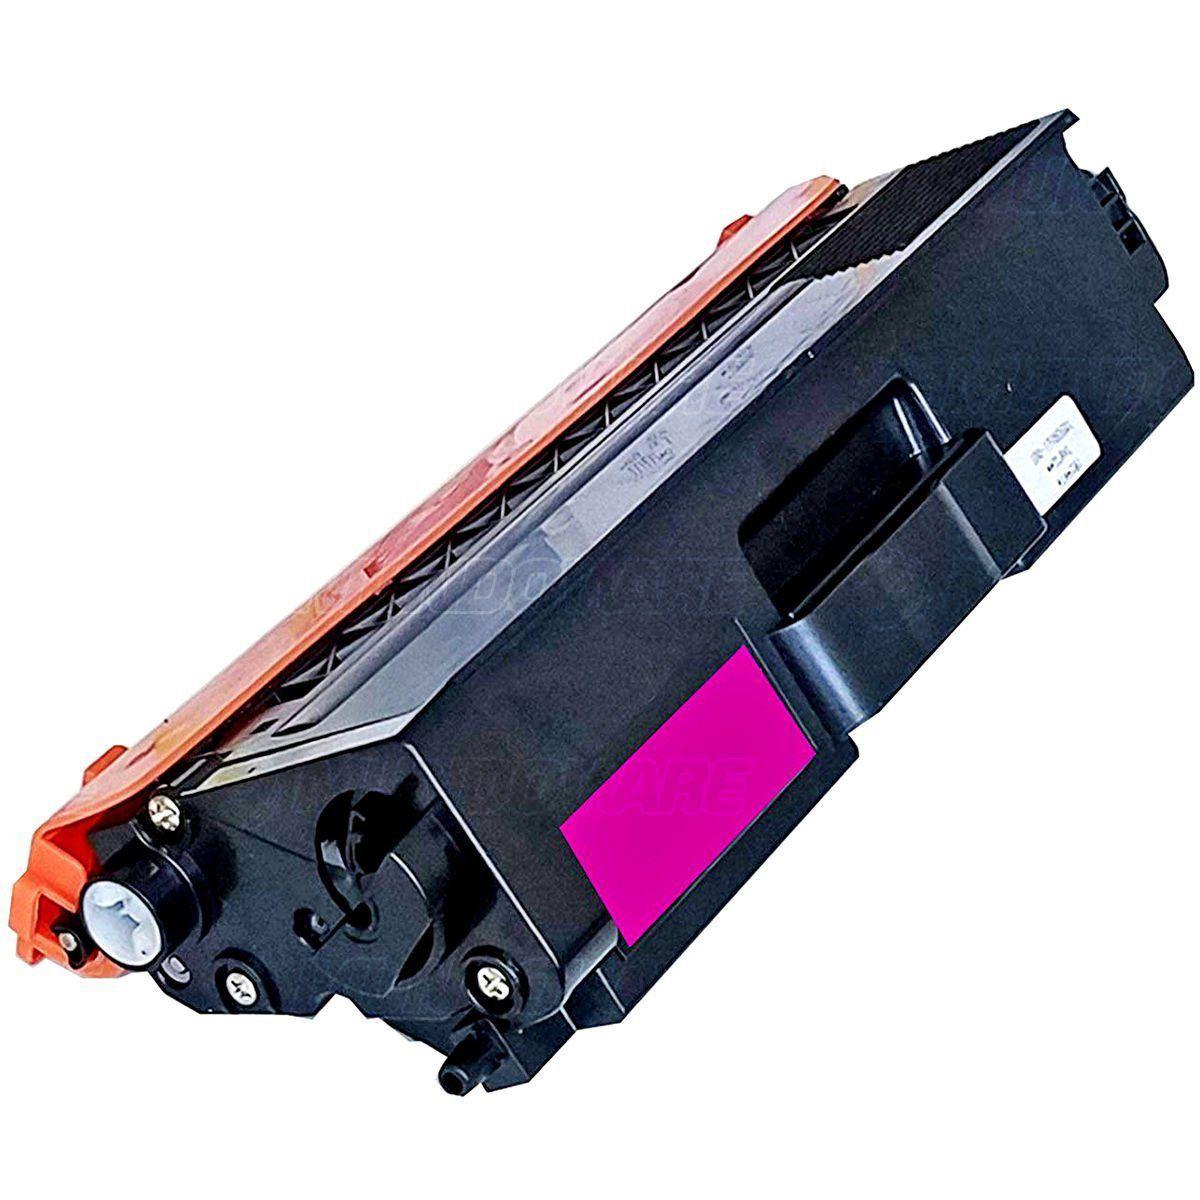 Compatível: Toner TN-419M TN419 para Brother MFC-L9570cdw MFC-L8900cdw L8610cdw HL-L8360cdw / Magenta / 9.000